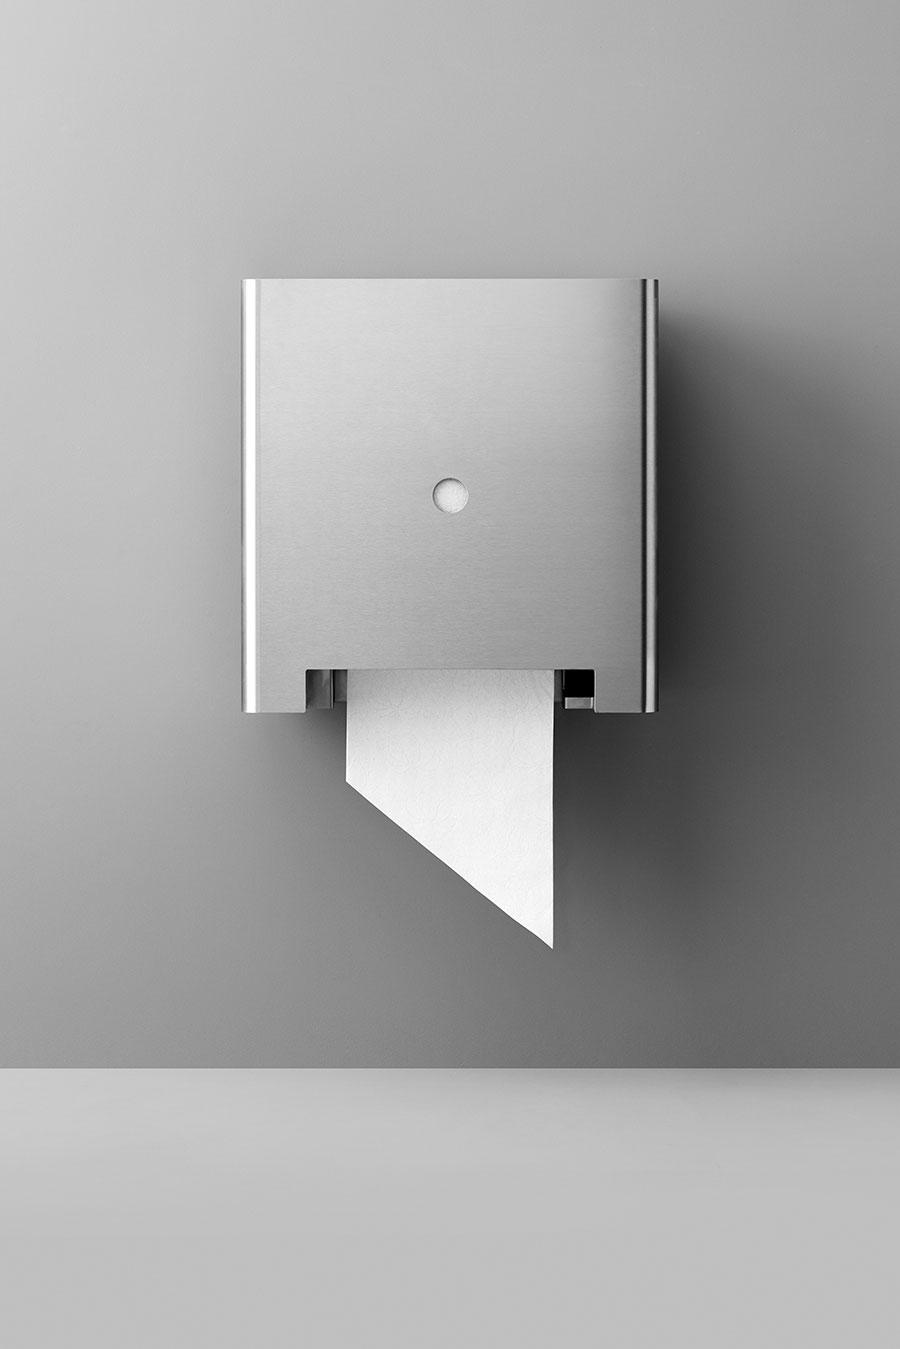 dline_washroom-PaperTowel.jpg